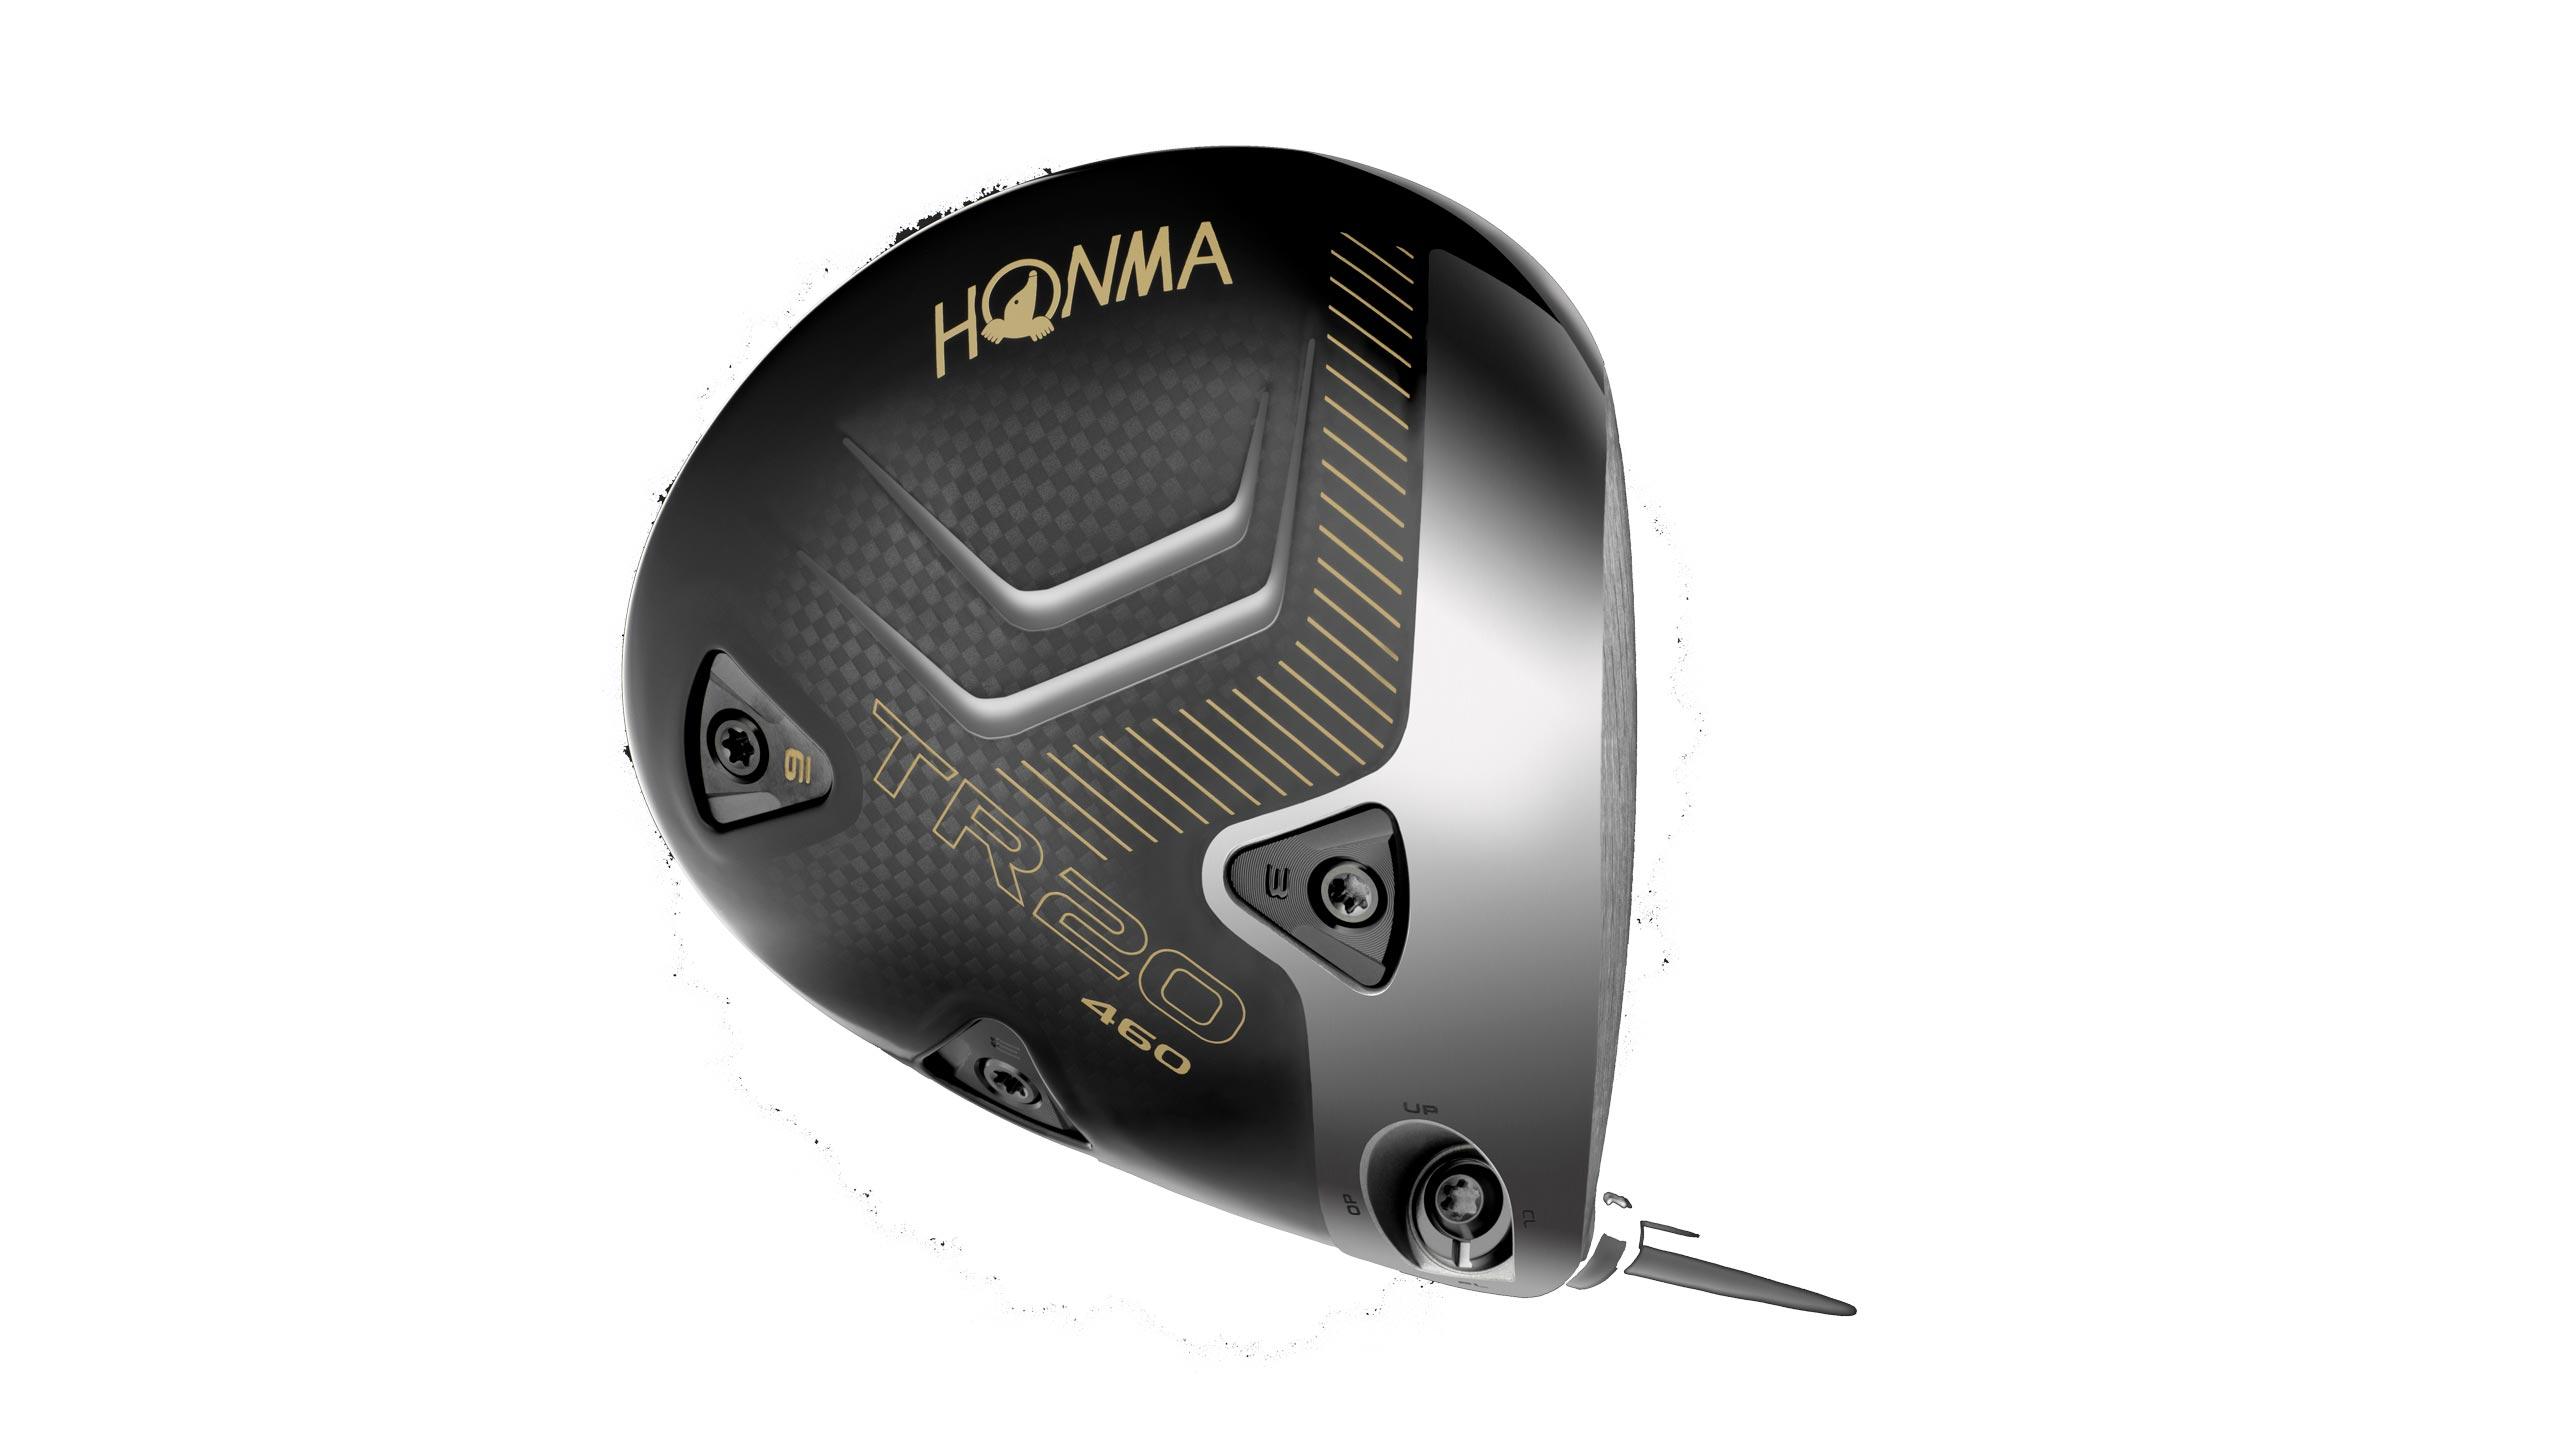 Honma TR20 460 driver